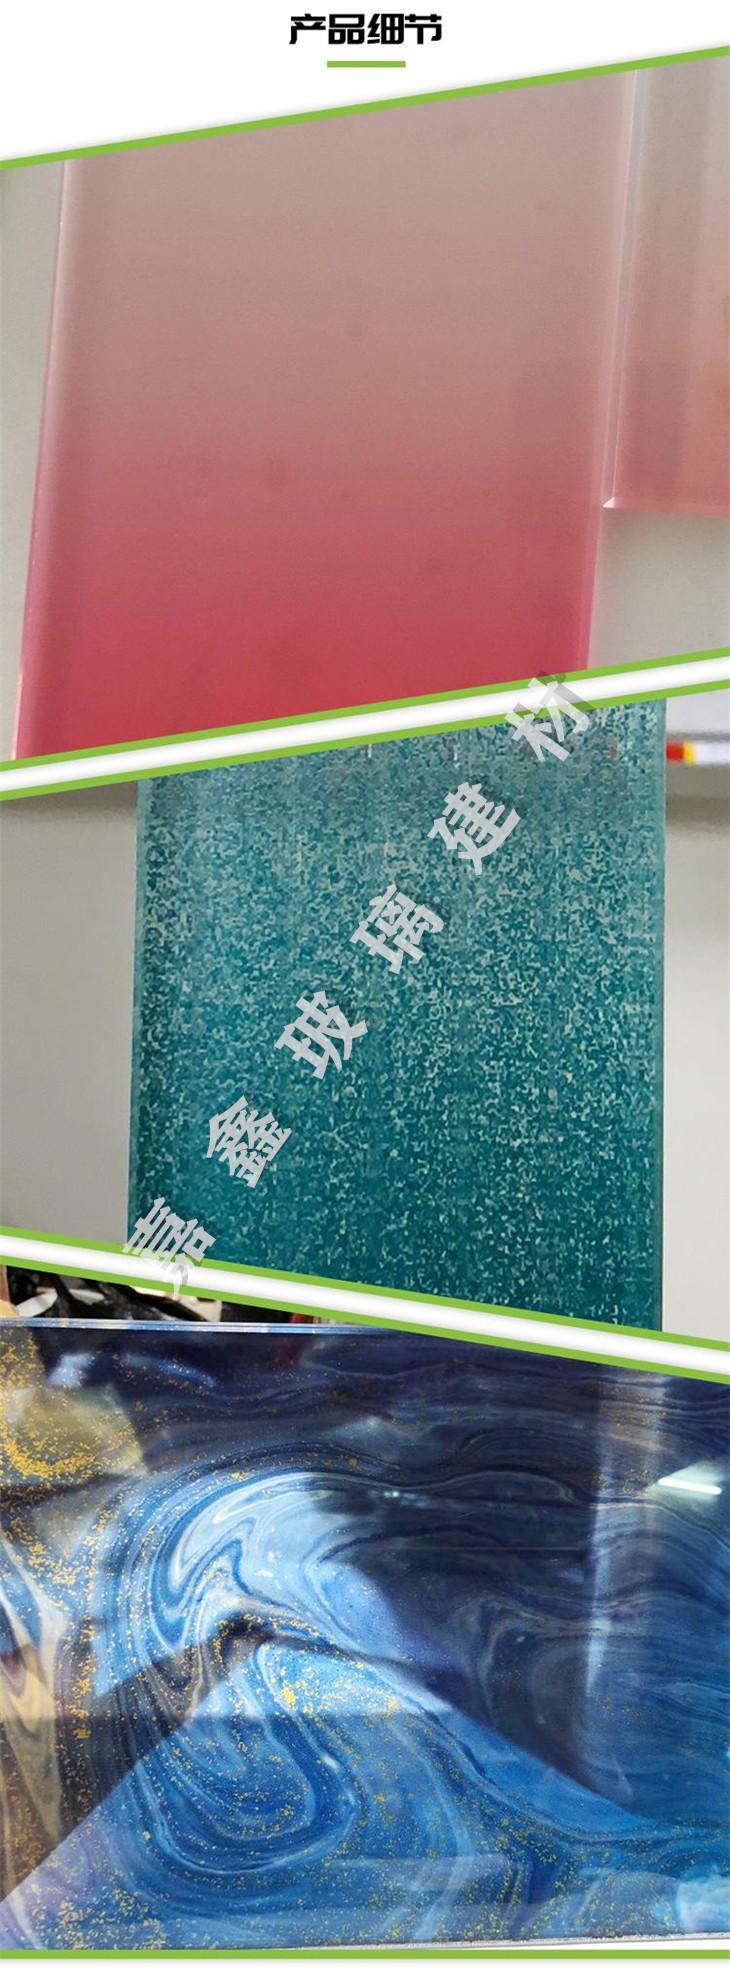 玻璃该怎样安装定位 电动感应玻璃门怎样安装